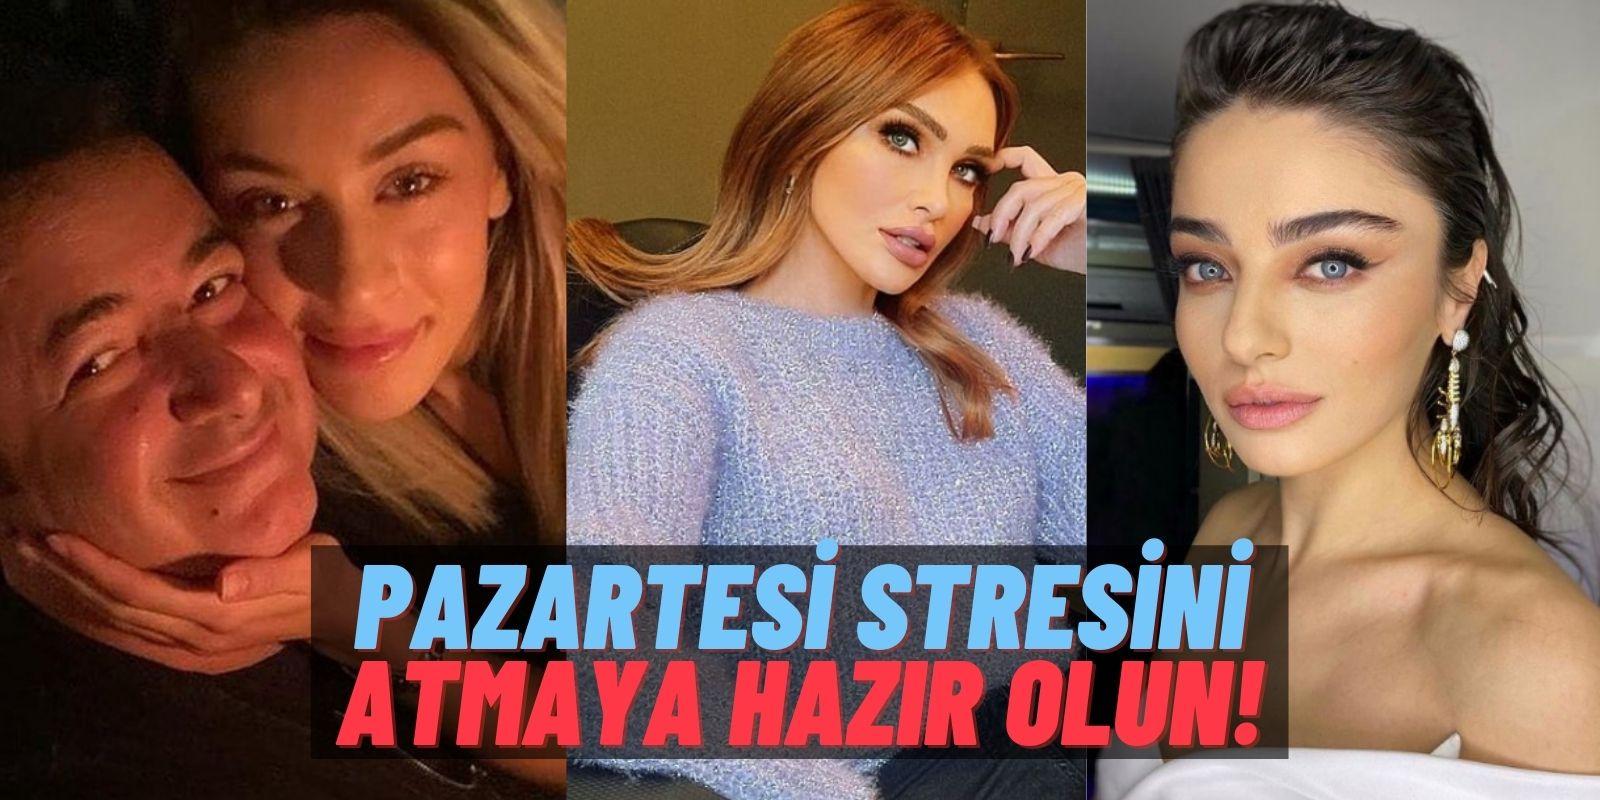 Dedikodu Kazanı: Sinem Kobal ve Kenan İmirzalıoğlu'ndan Şık Jest, Şeyma Subaşı Evleniyor, Acun Ilıcalı'nın Düşüşü!